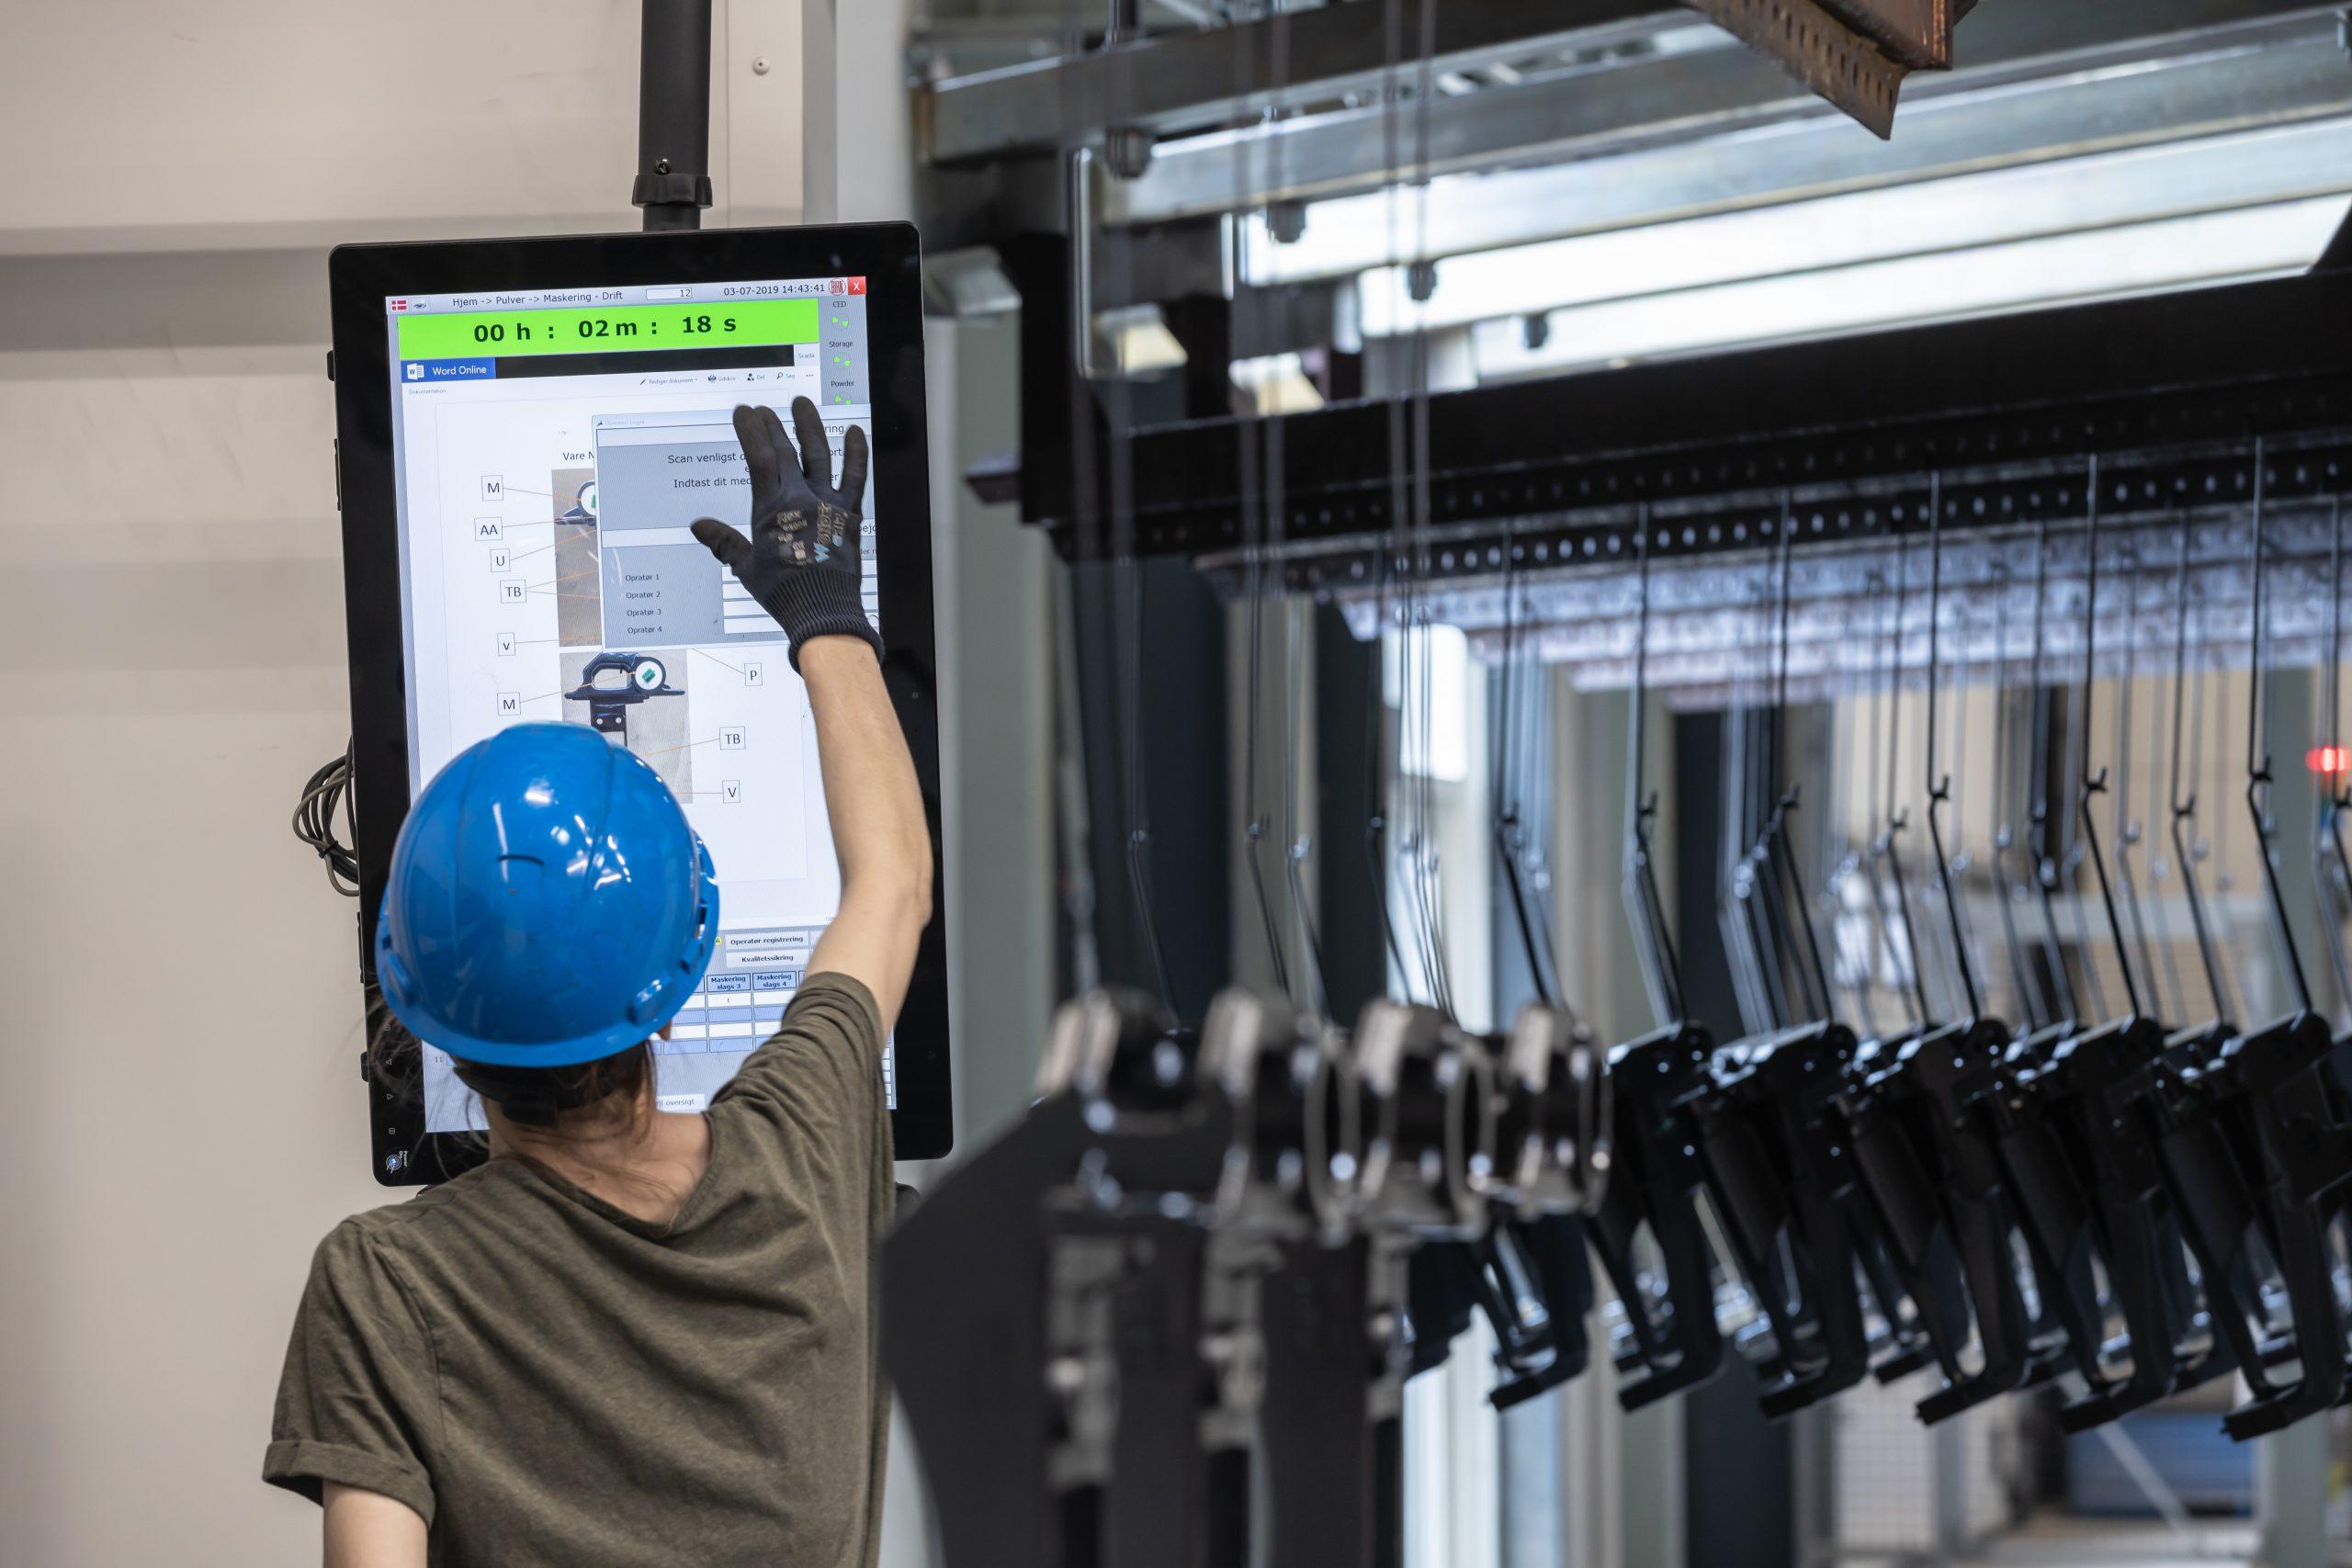 Mitarbeiter in der Produktion können sich mit ihrer ID-Karte ein- und ausloggen und zum Beispiel direkt eine Wartungsanforderung auslösen. (Bild: Siemens AG)